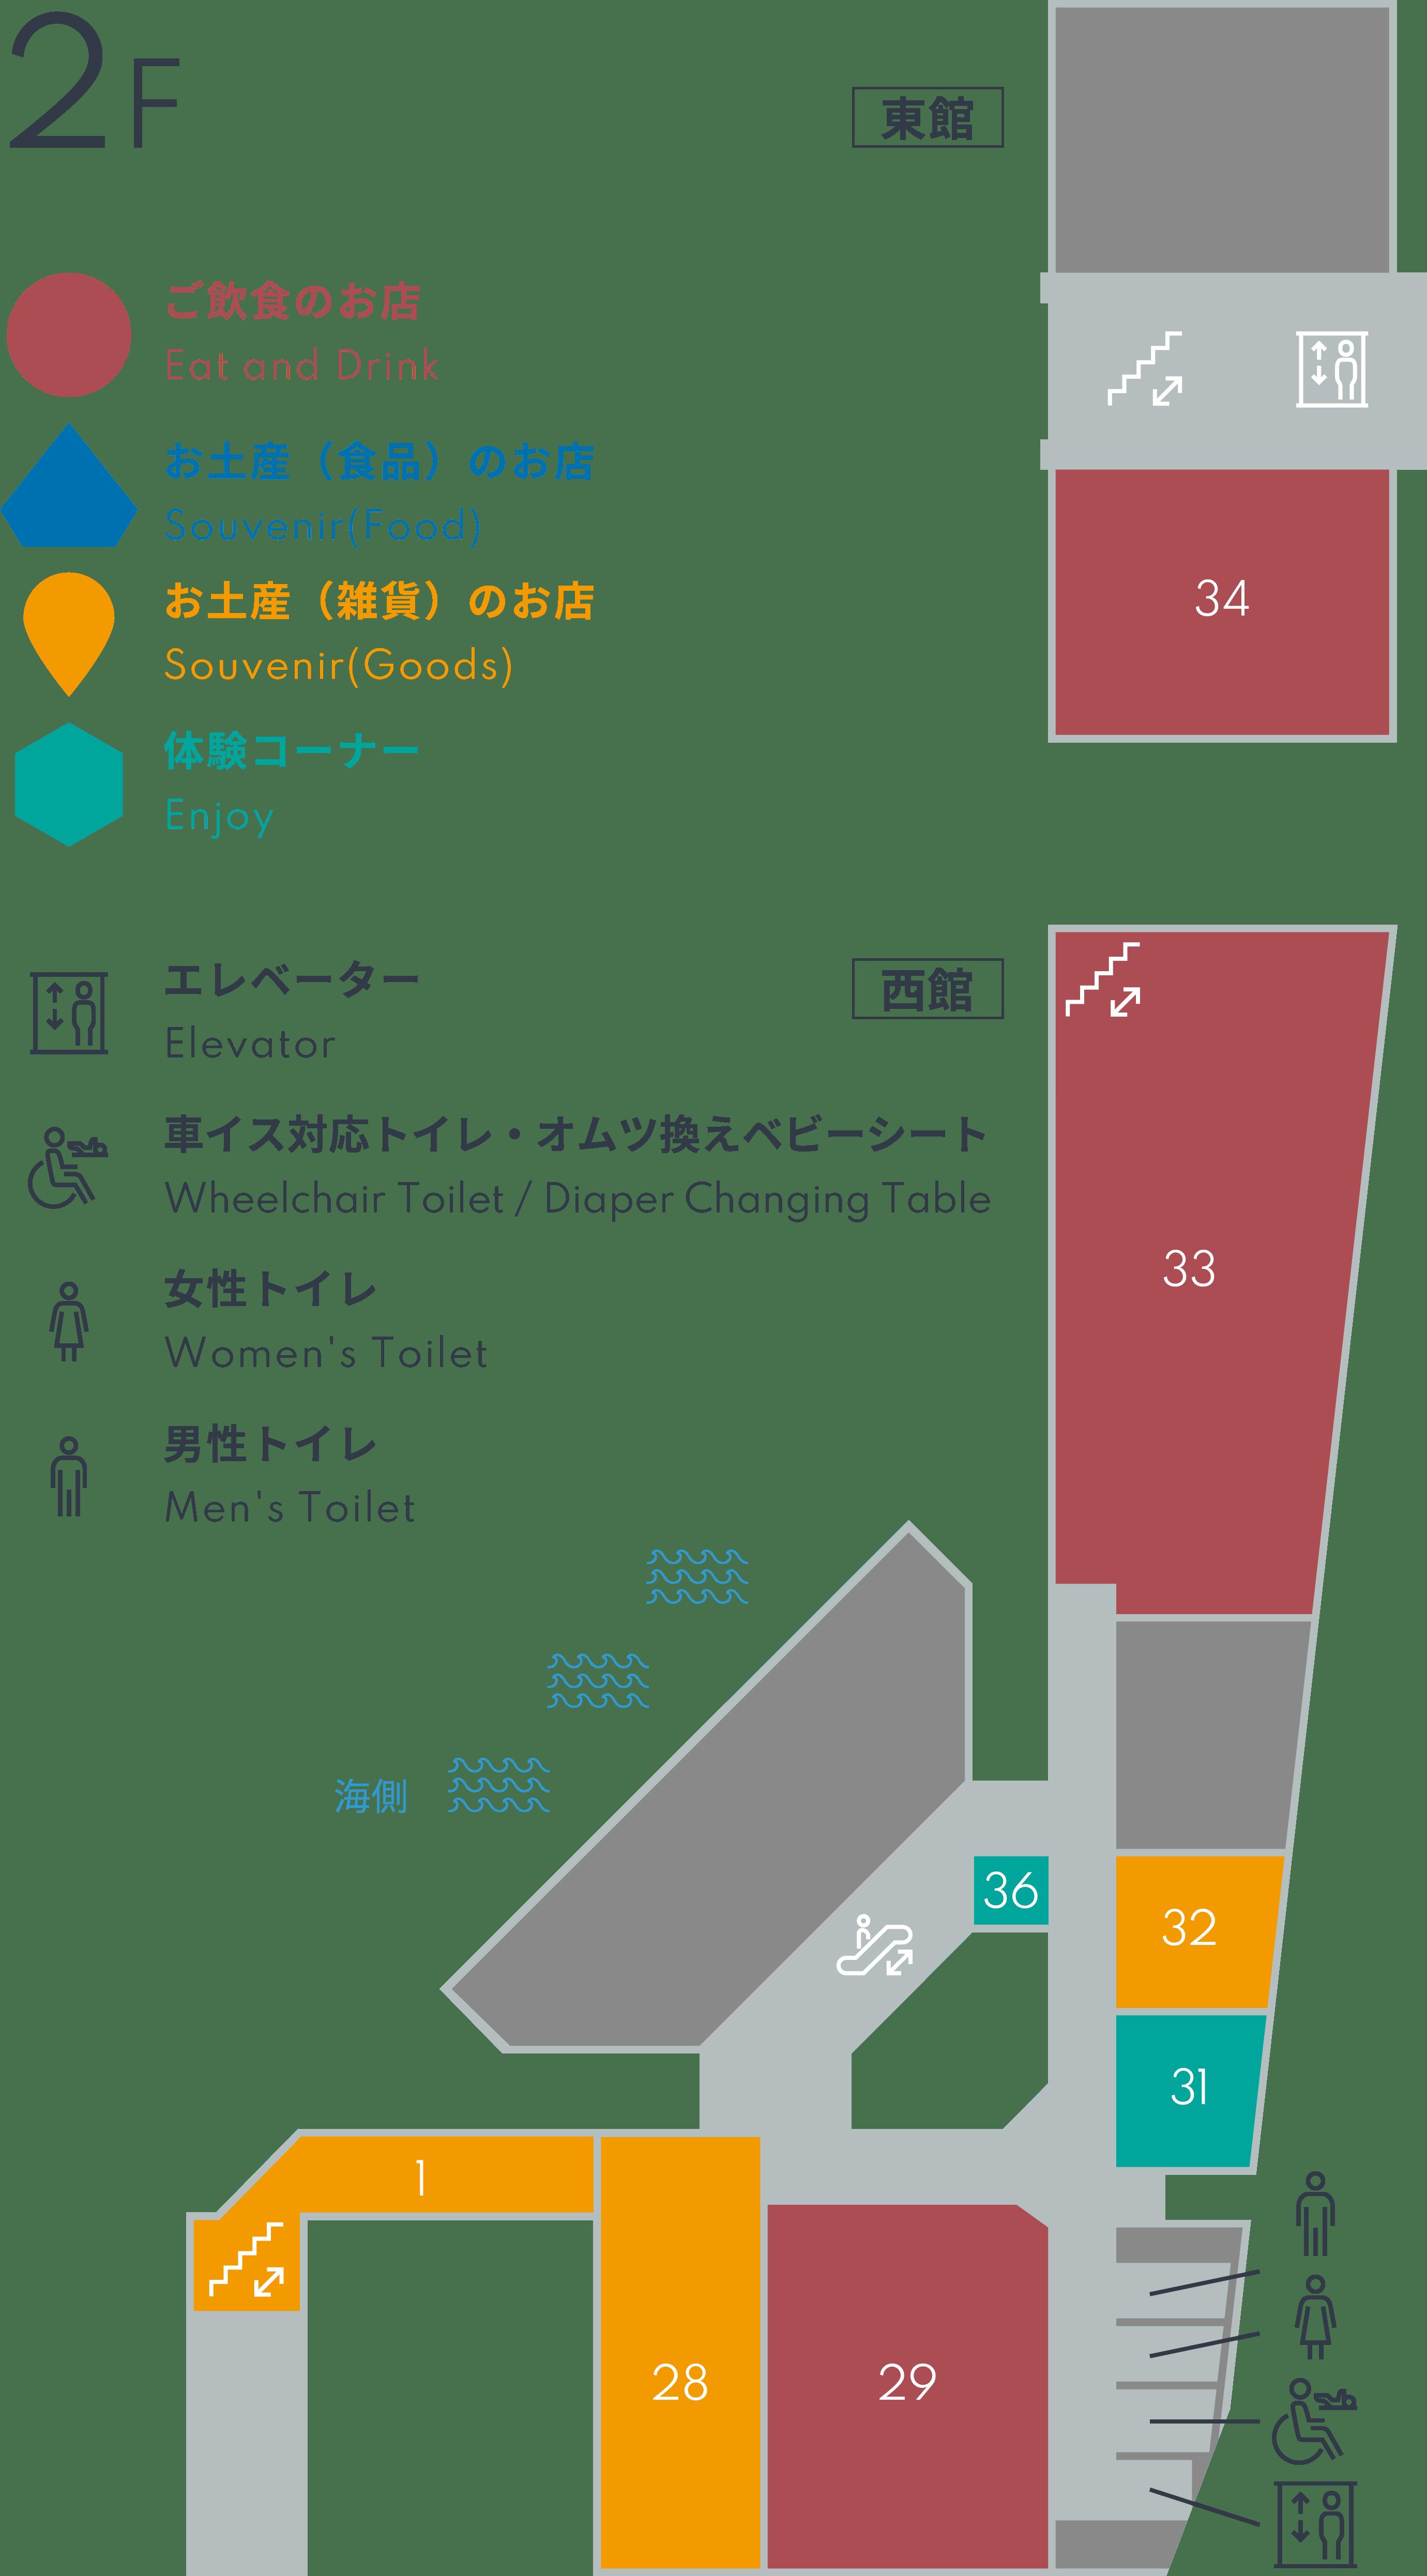 Floor Guide - 2F